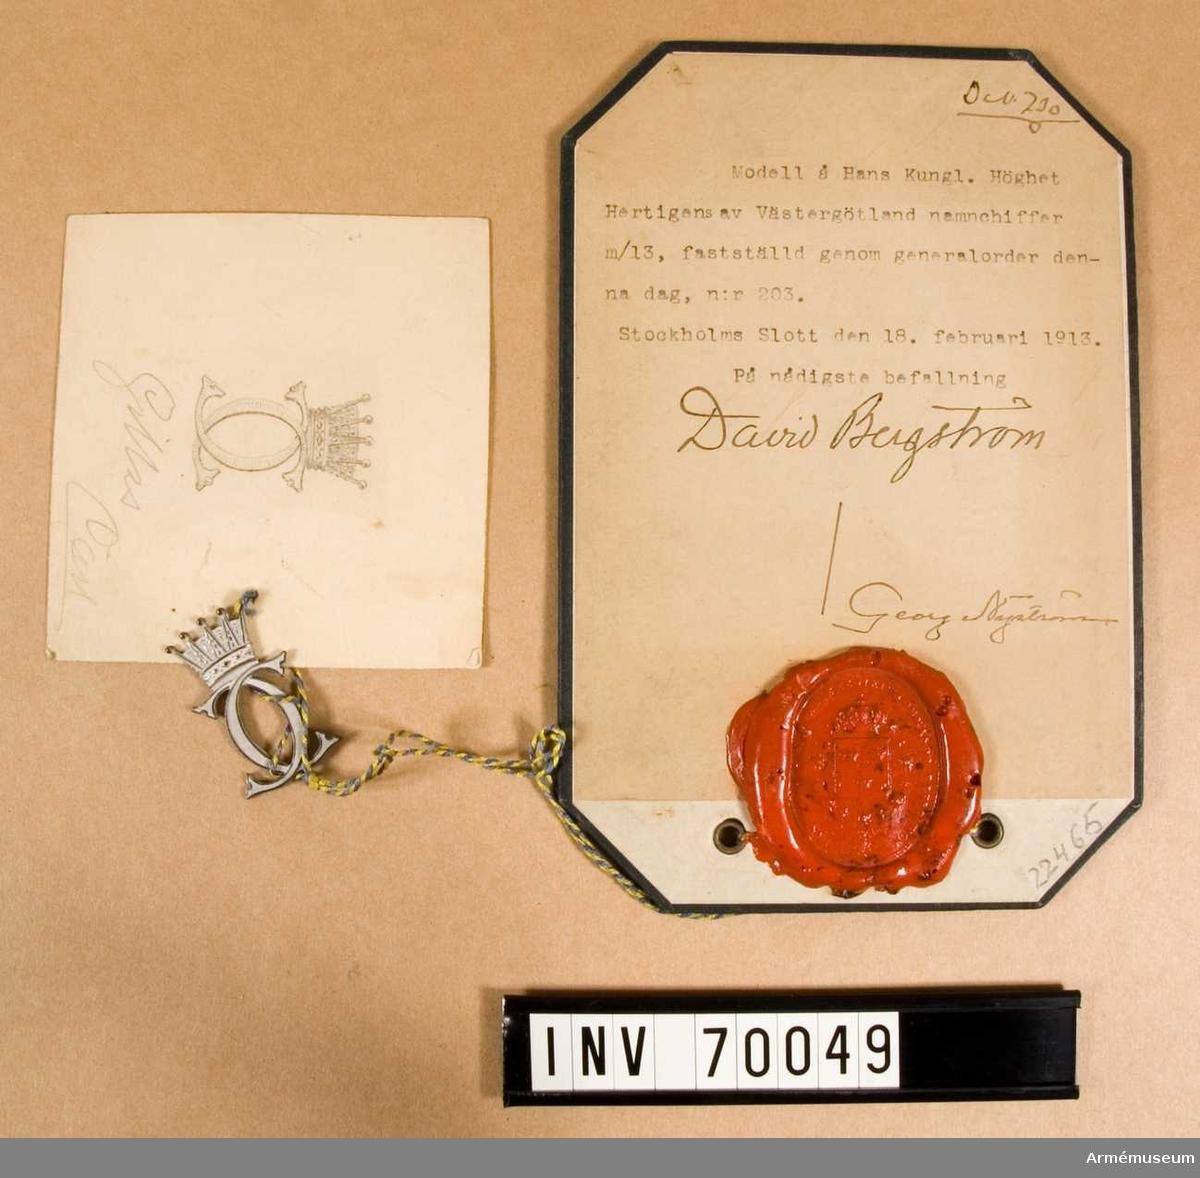 Grupp C.I.   Hans Kungl. Höghet Hertigens av Västergötland namnchiffer m/1913.